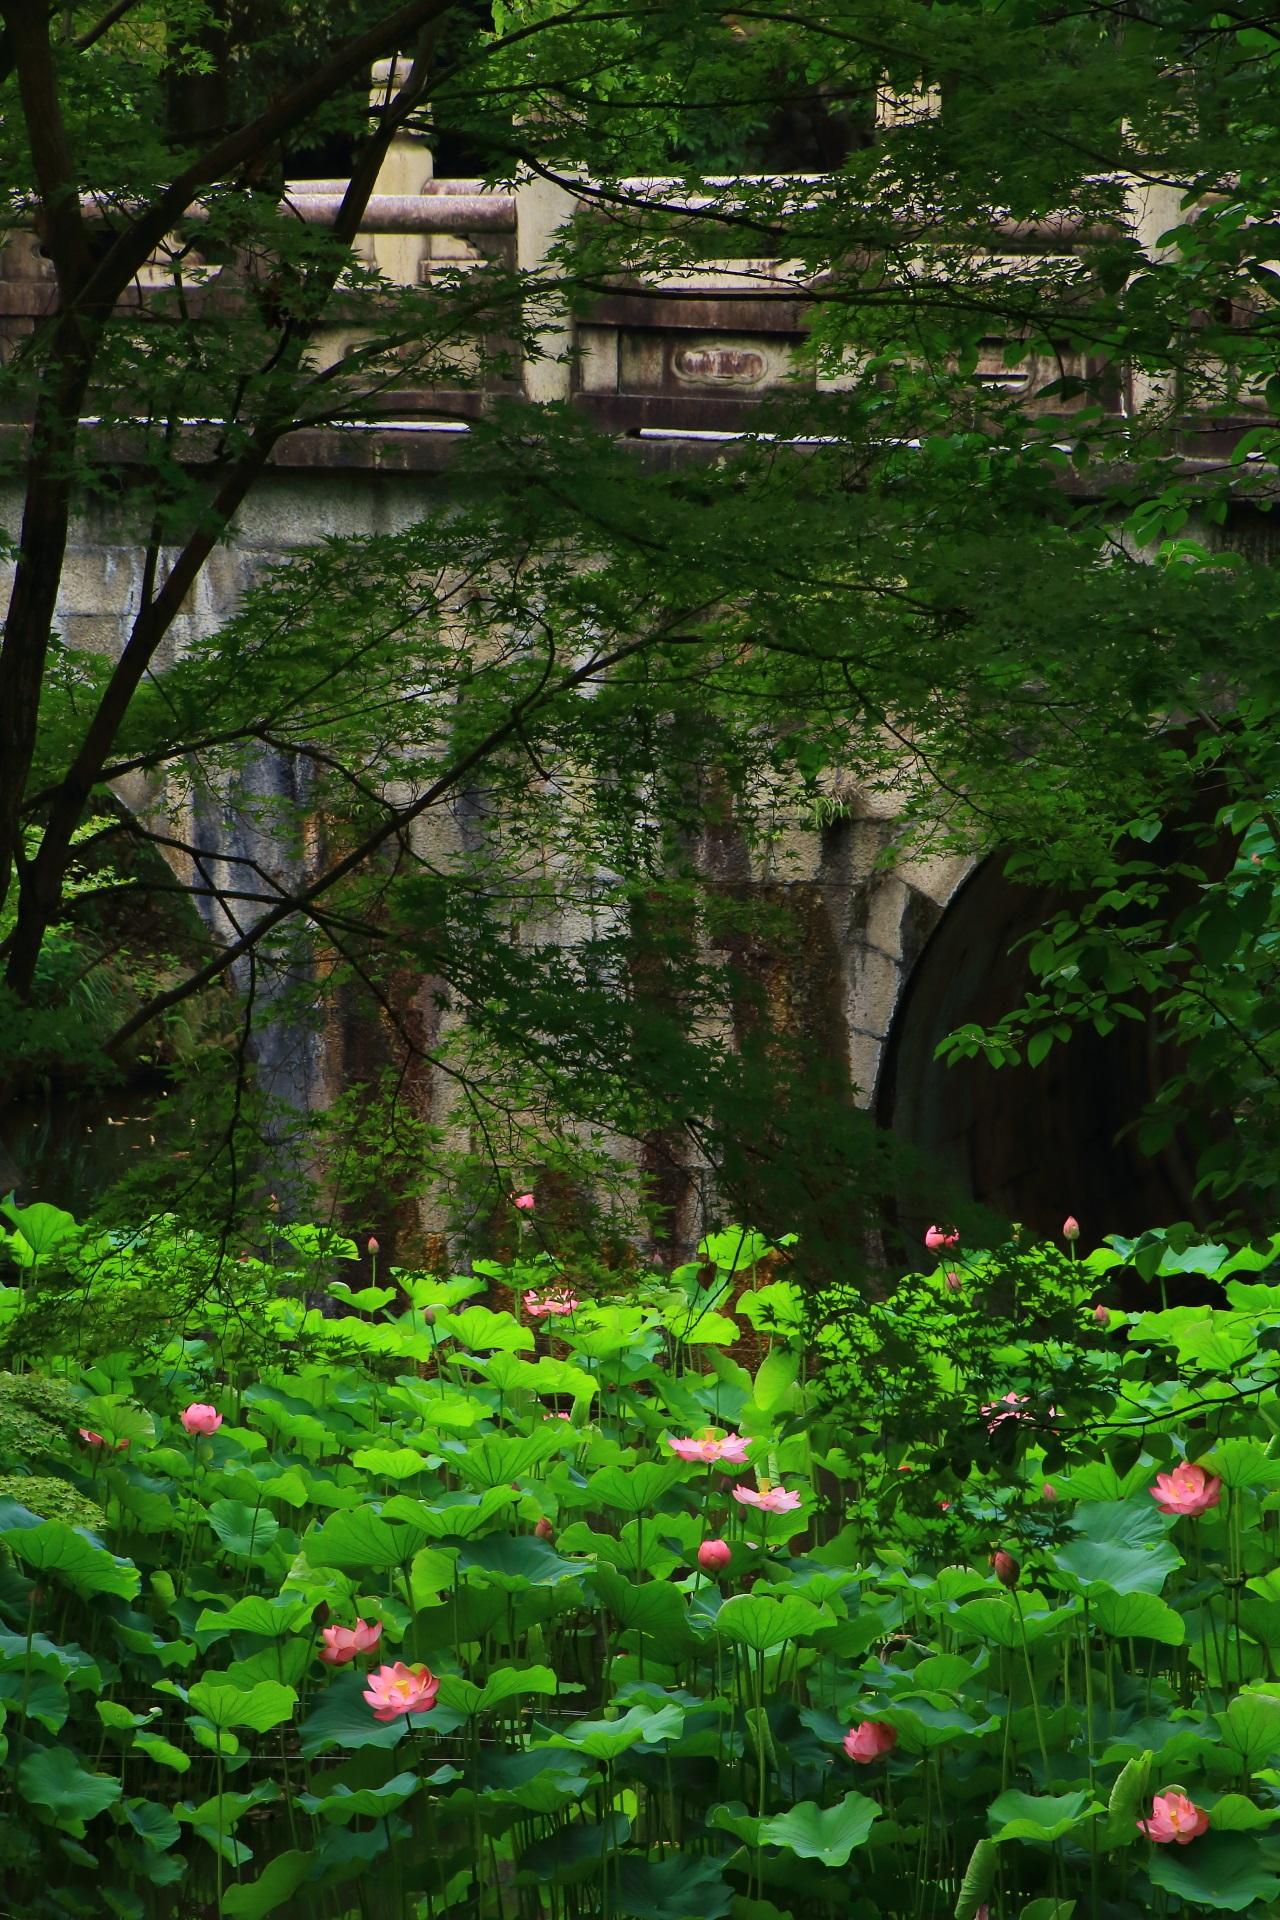 大谷本廟の美しい緑の中で揺らめく幻想的なピンクの蓮の花